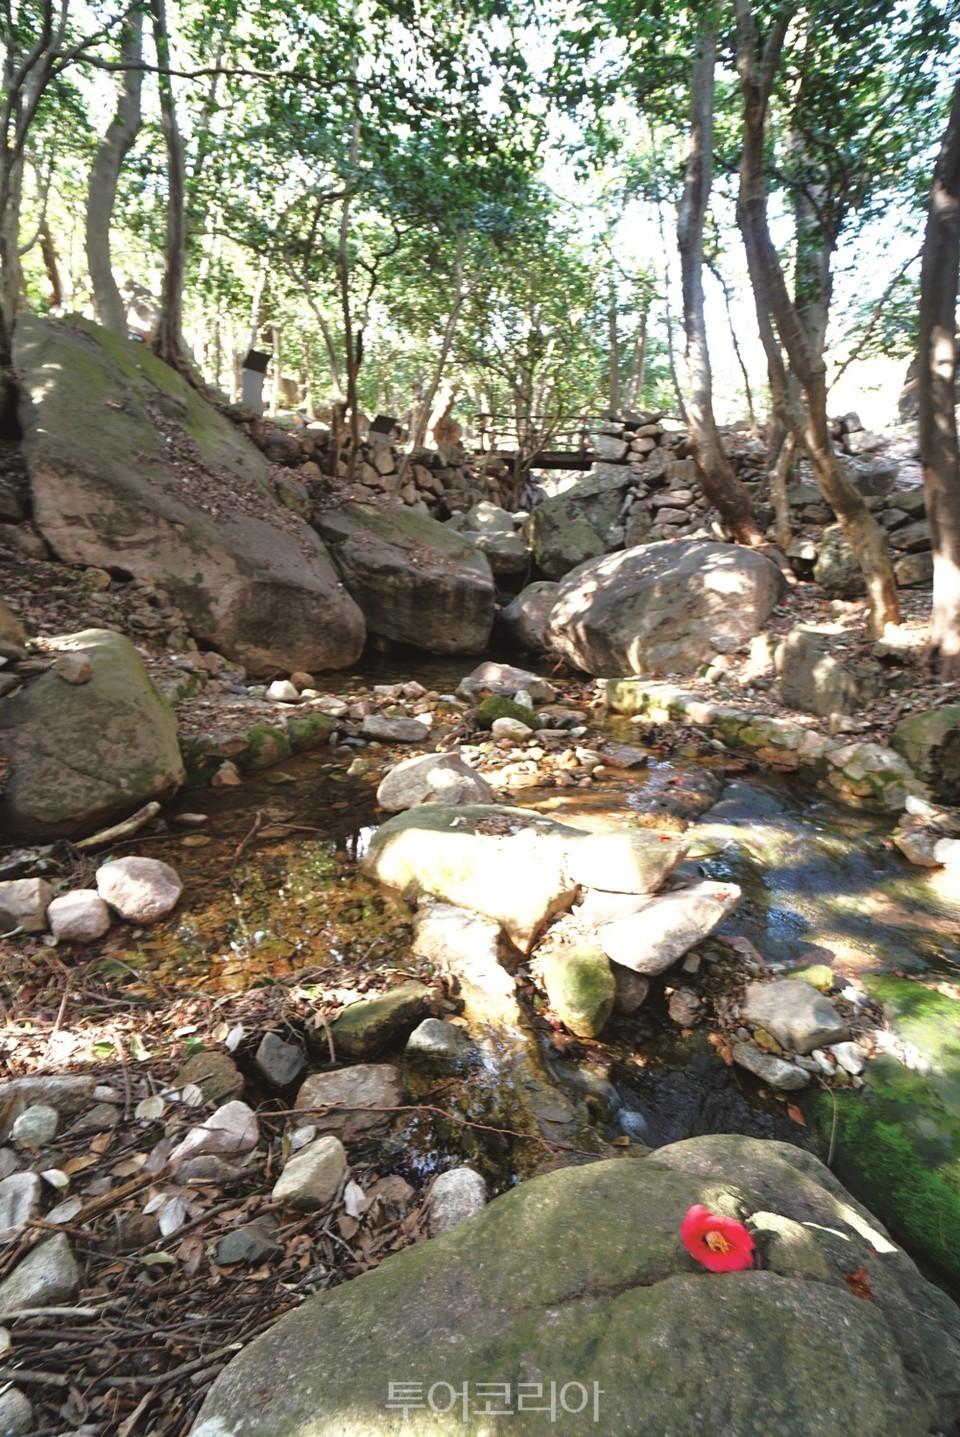 백운동원림 4경 홍옥폭(紅玉瀑)